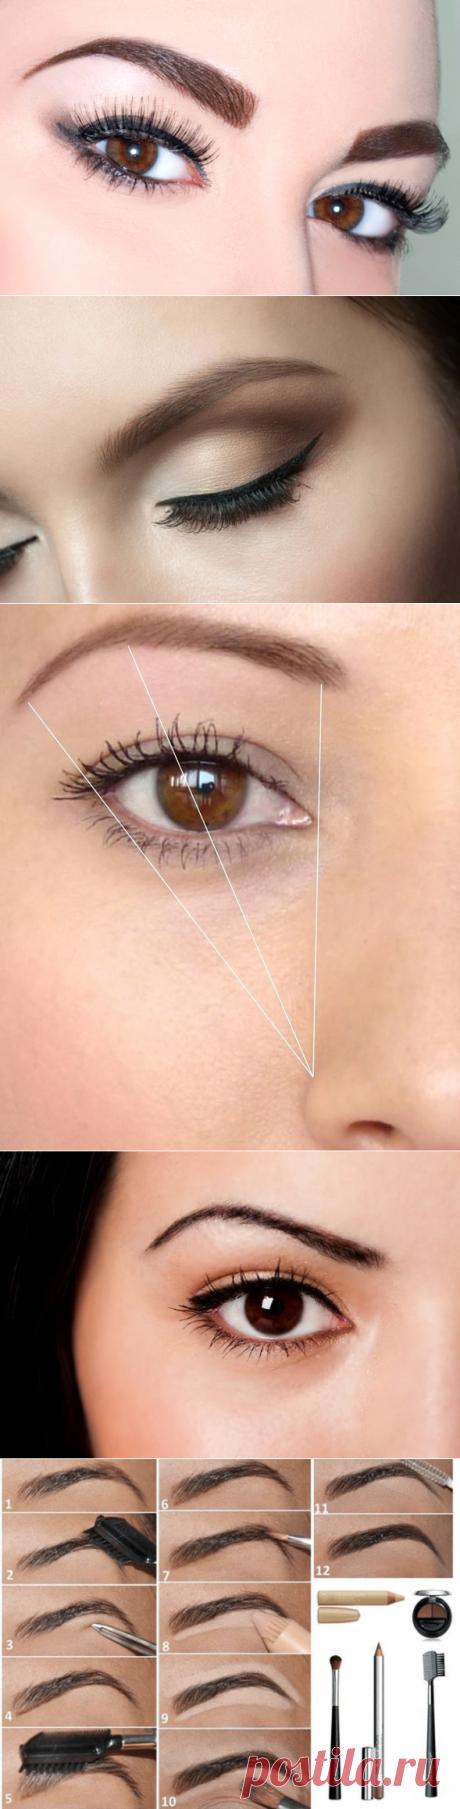 Идеальные брови: уход, коррекция, подбор цвета / Все для женщины